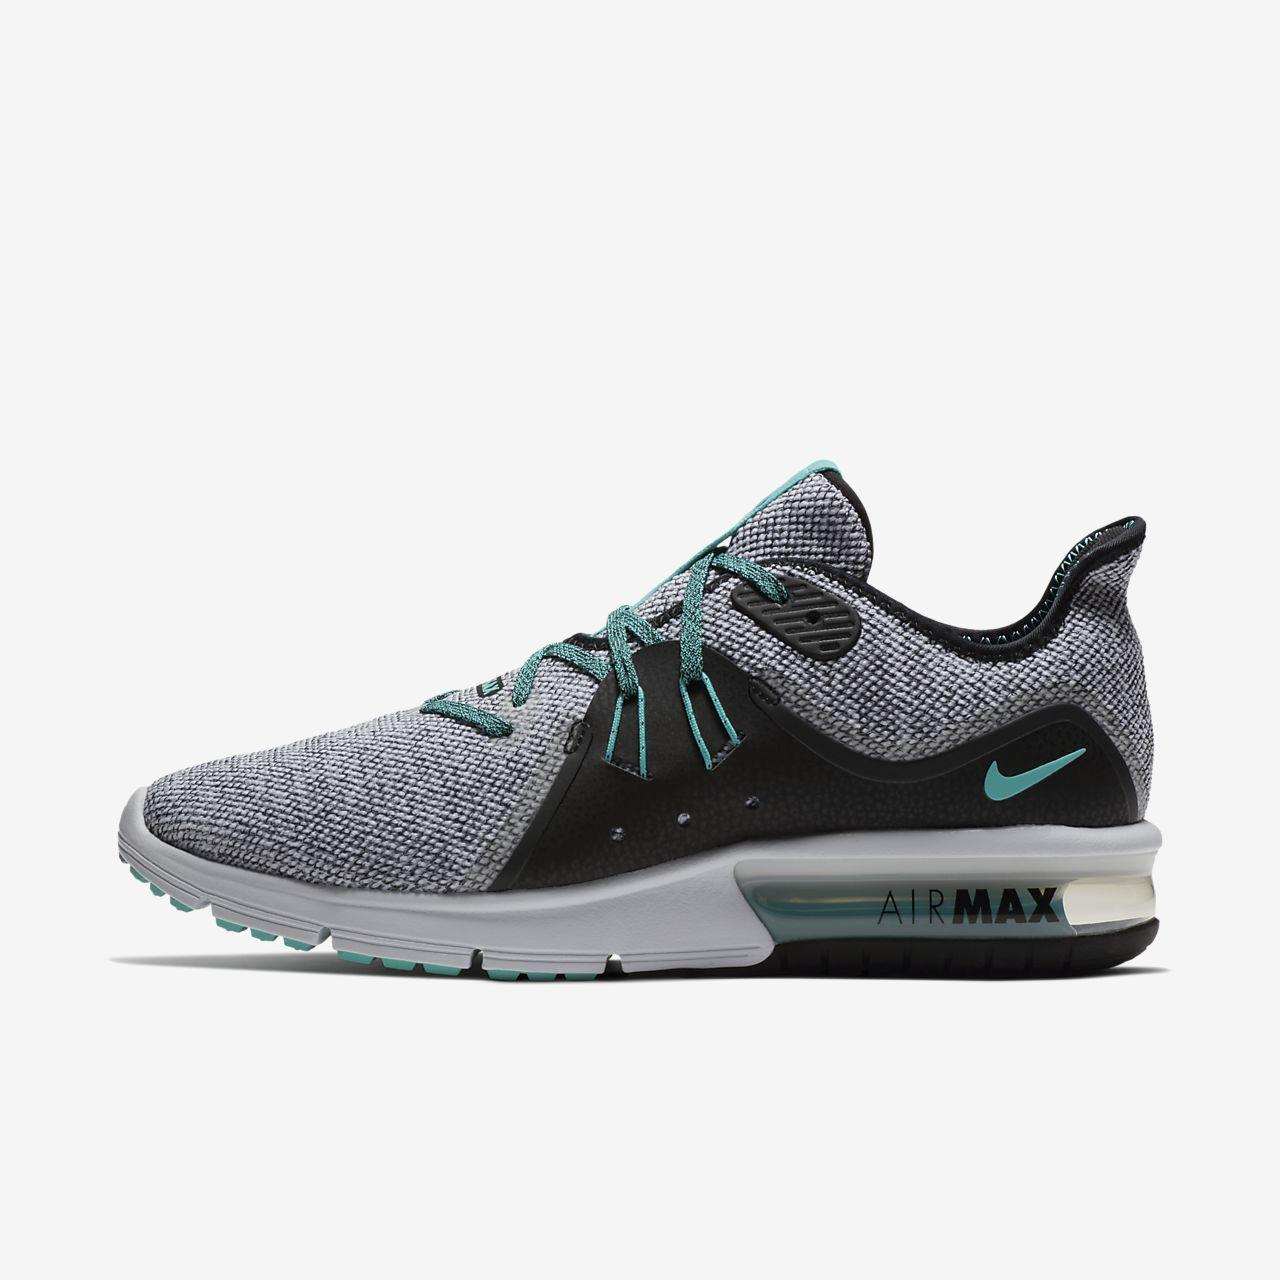 Nike Chaussure de running femme Air Max Sequent 2 Gris anthracite - Livraison Gratuite avec  - Chaussures Chaussures-de-running Femme